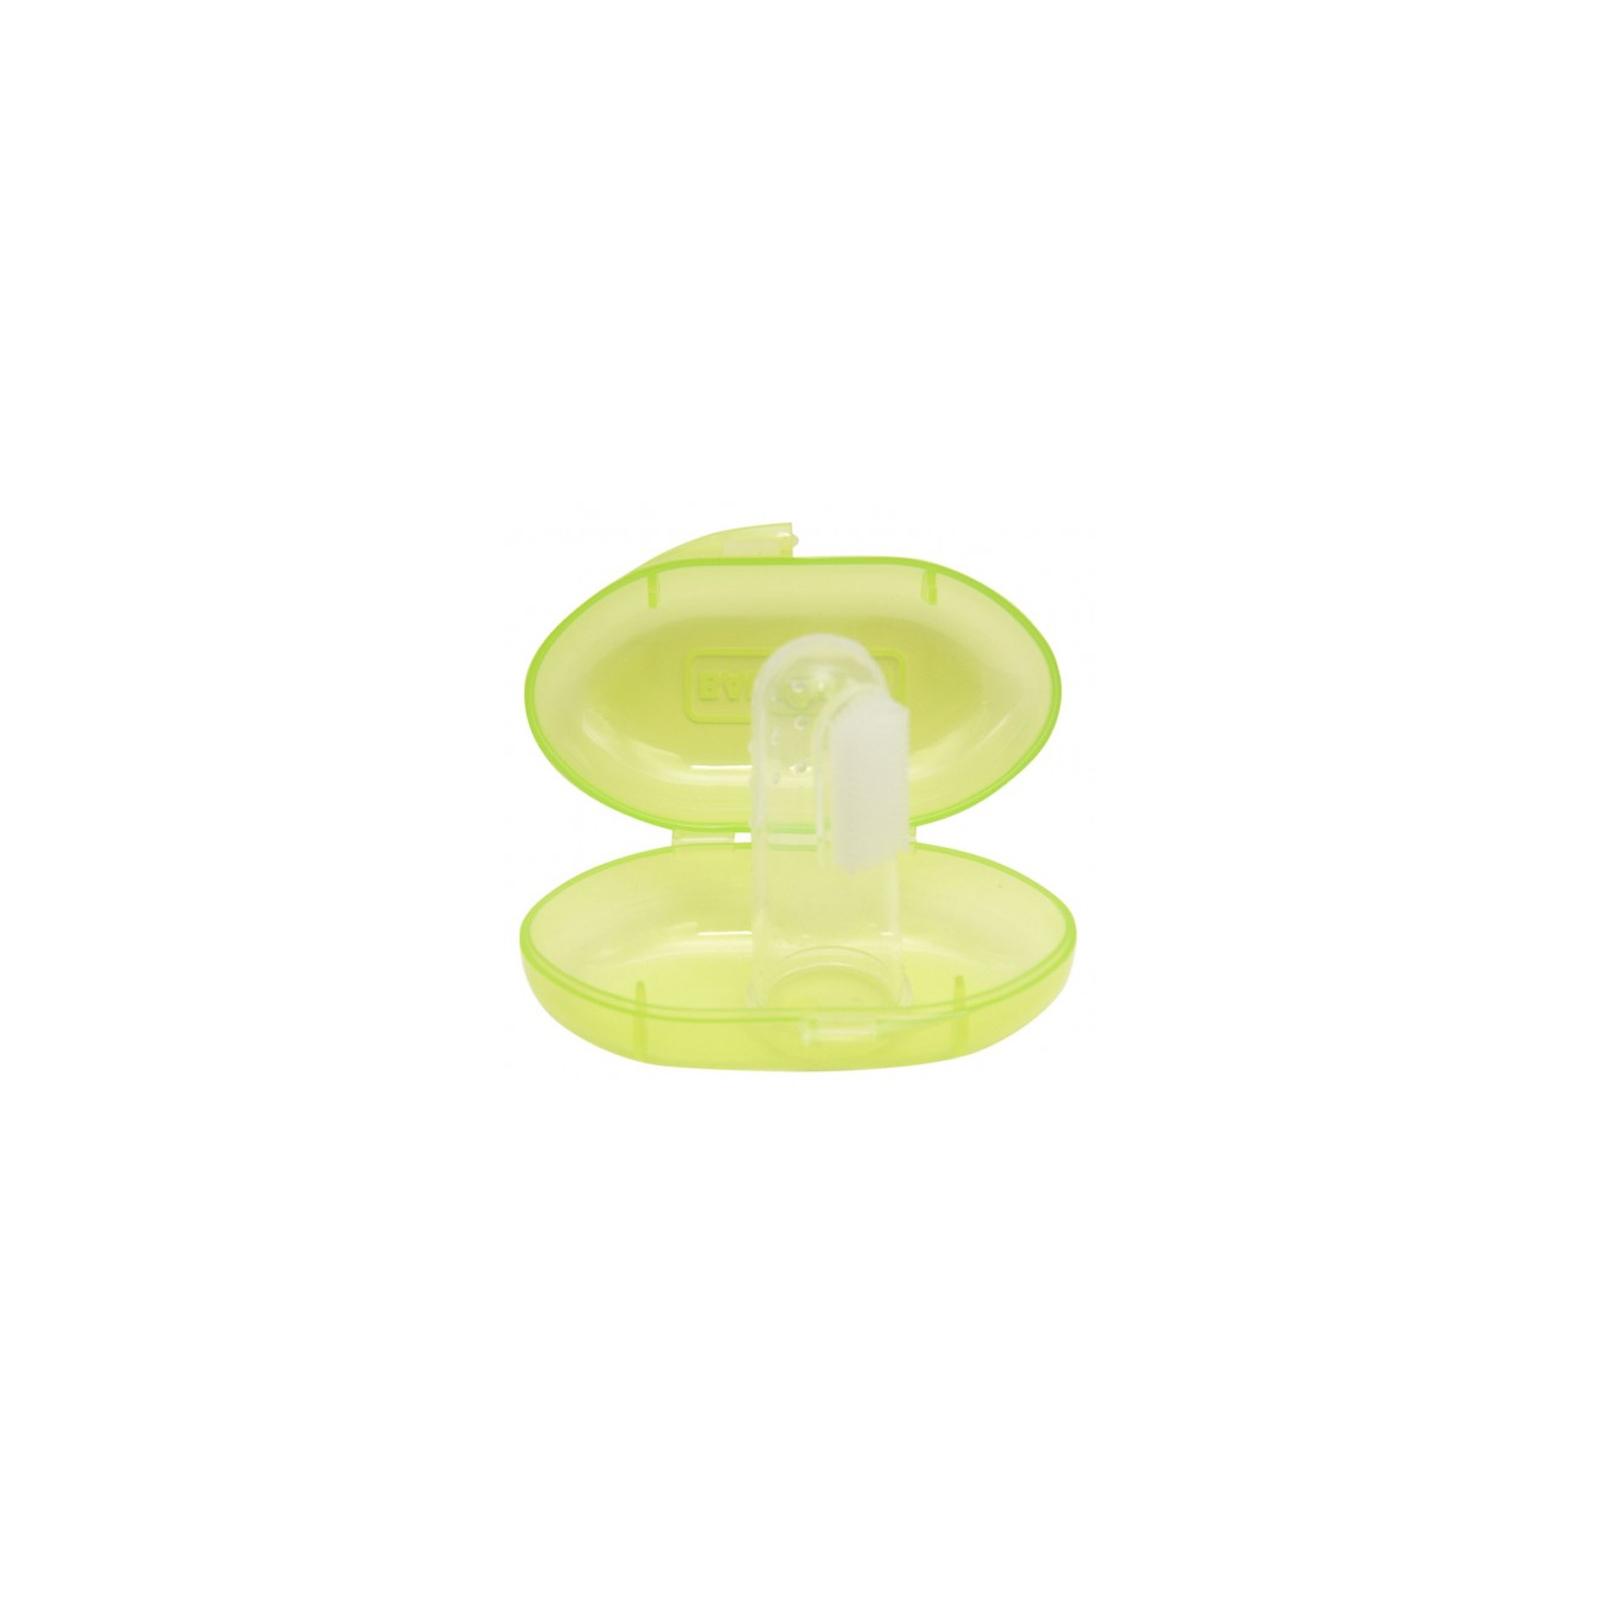 Детская зубная щетка Baby Team силиконовая щетка-массажер с контейнером (7200_салатовый)